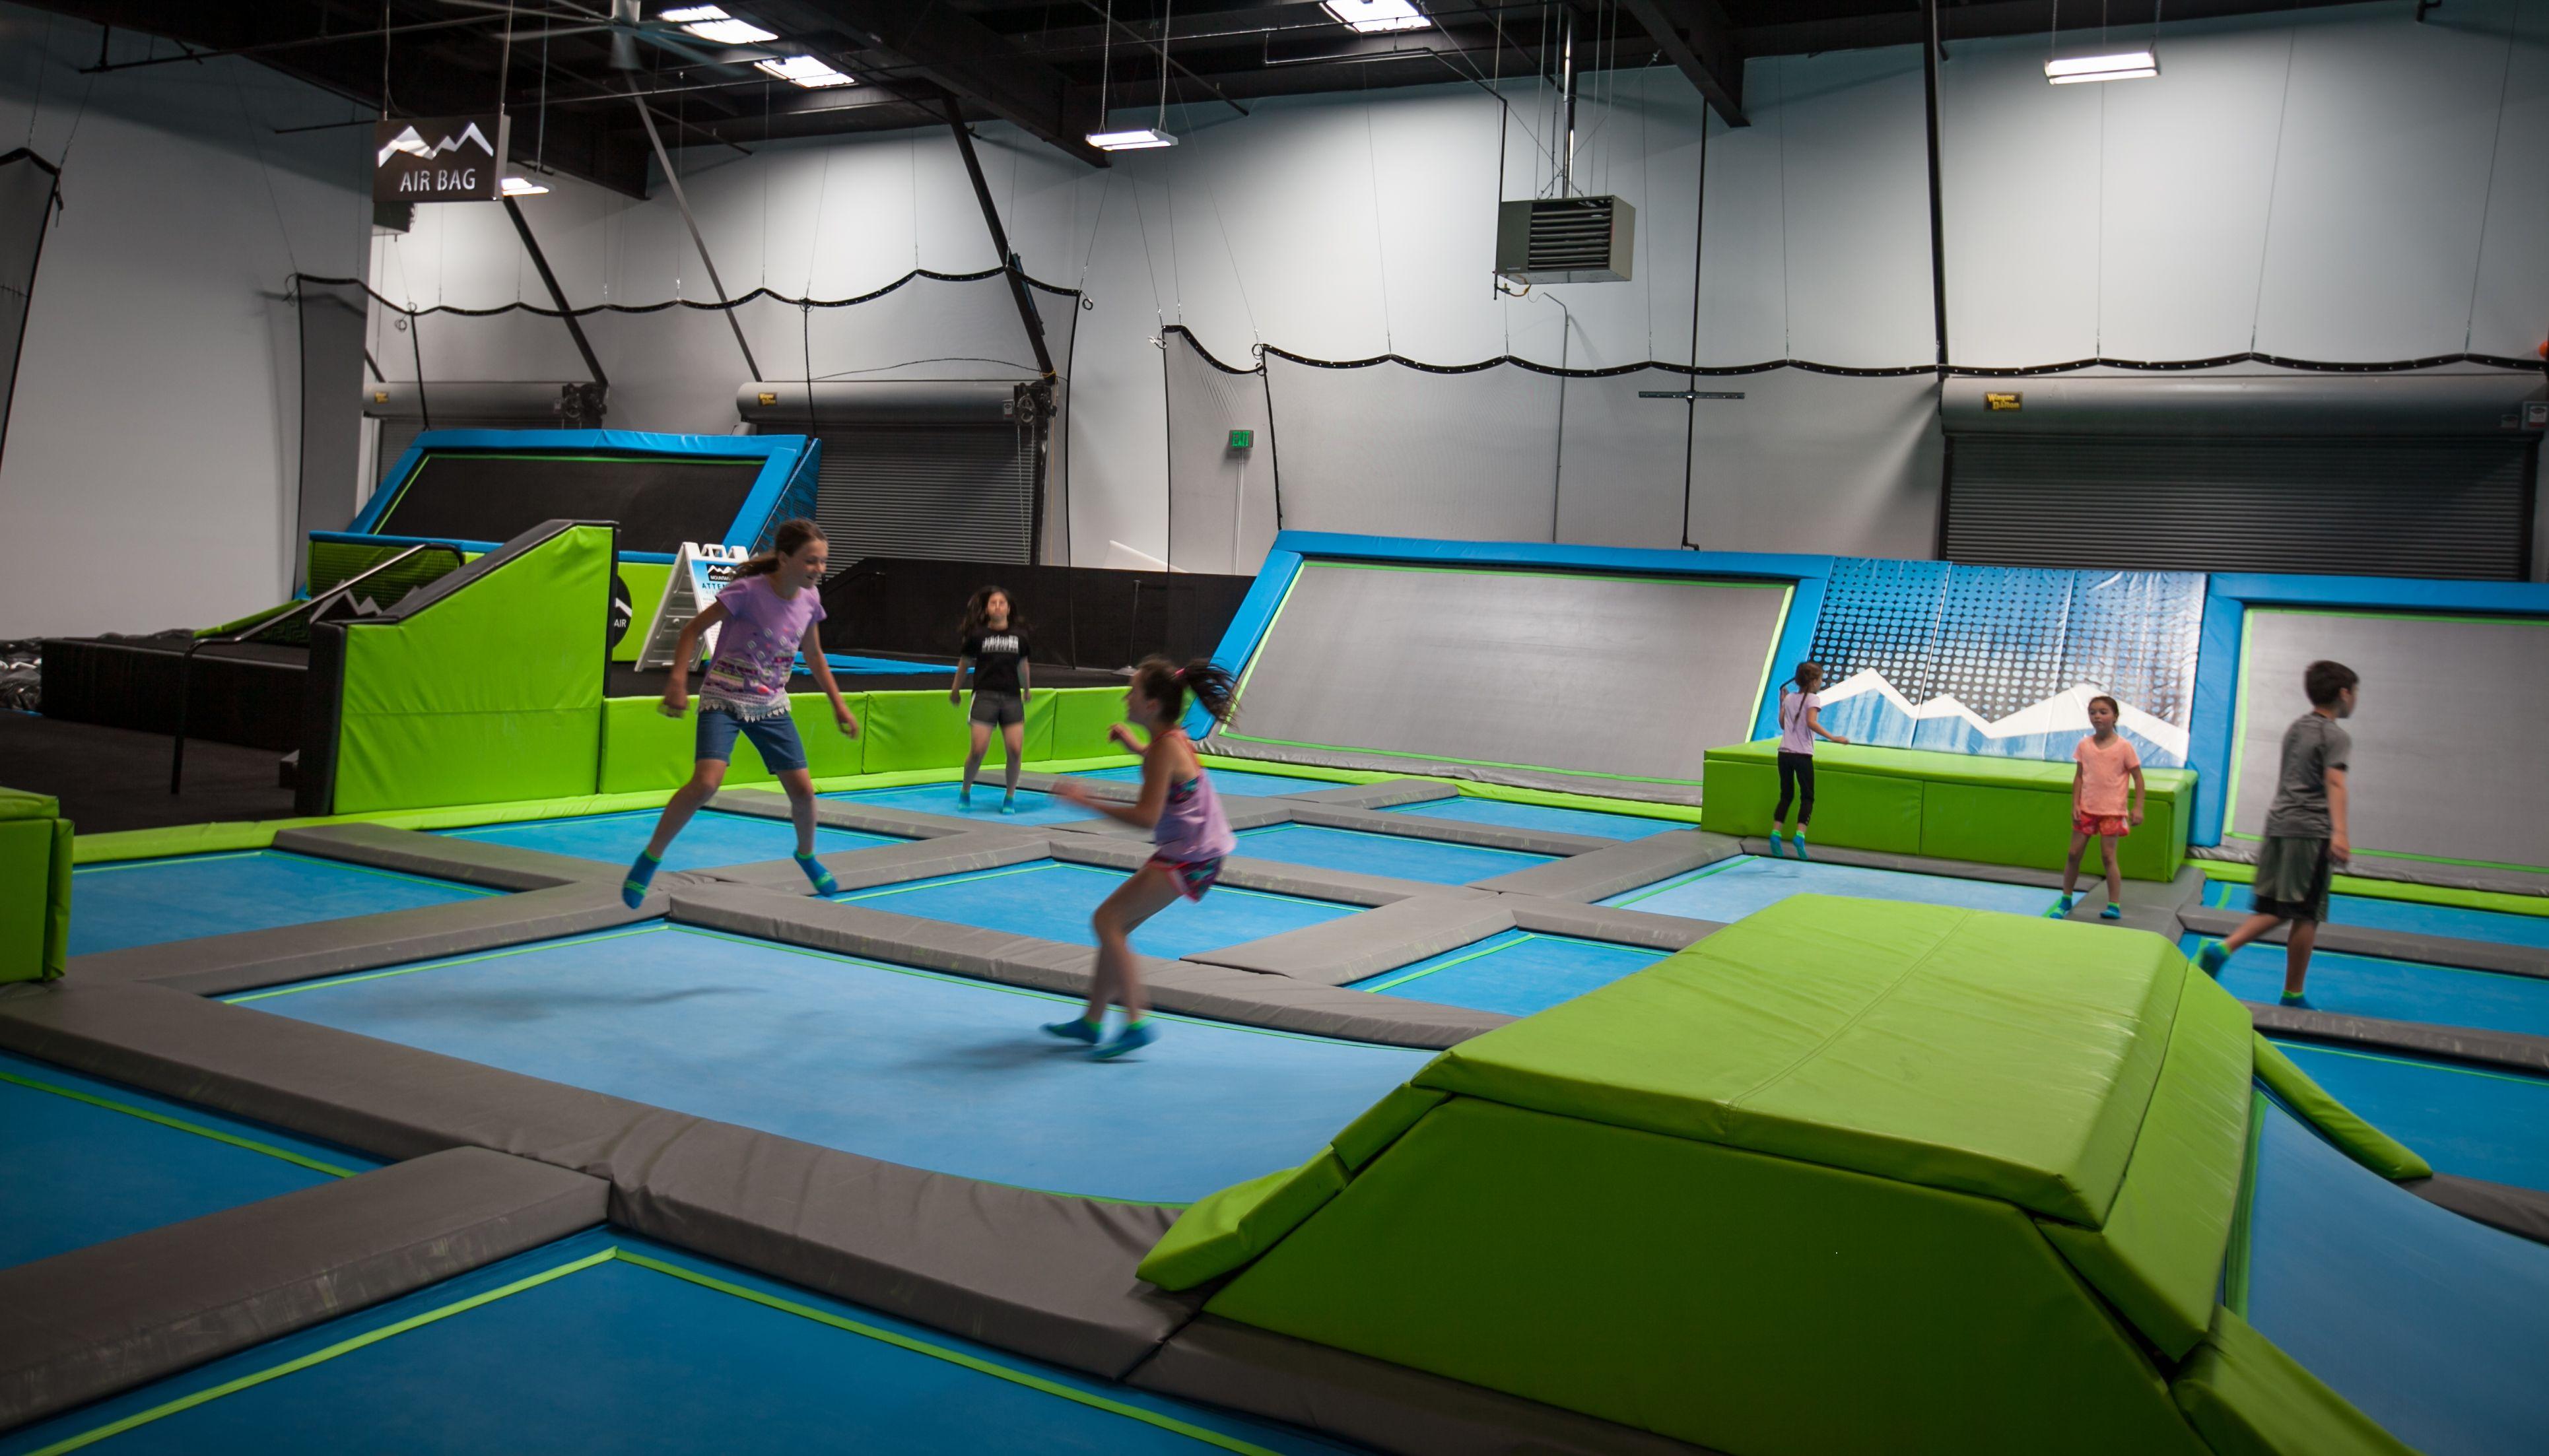 Just Opened The Largest Indoor Play Trampoline Park You Ve Ever Seen Trampoline Park Kids Indoor Play Indoor Fun